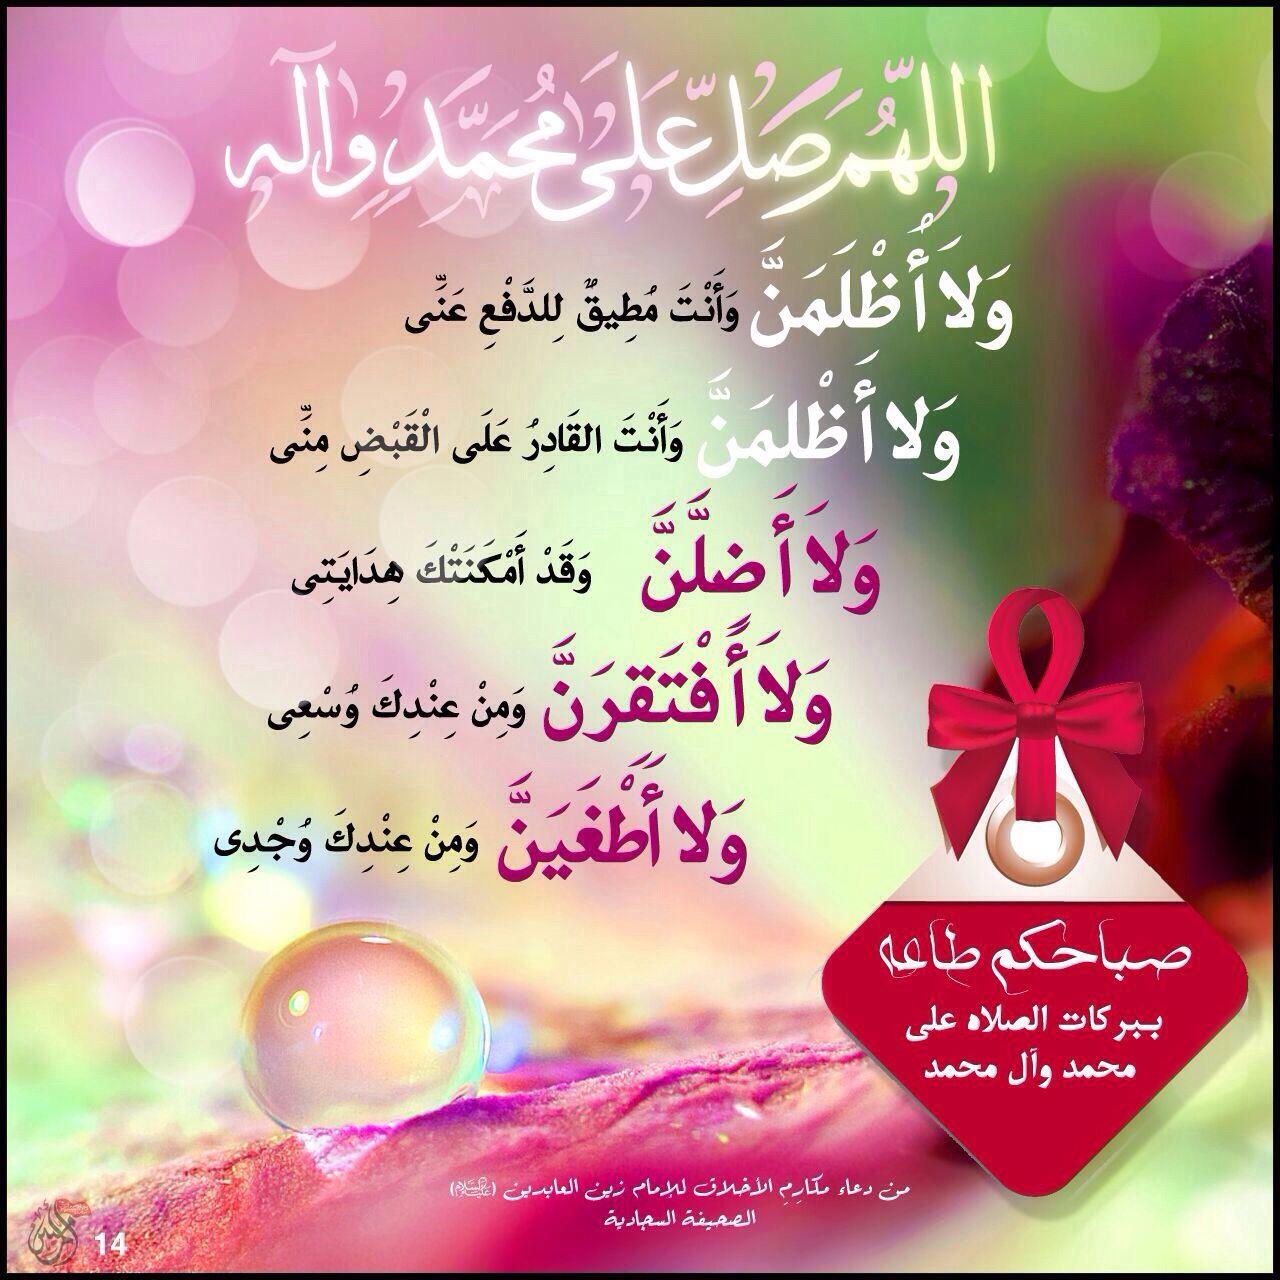 اللهم صل على محمد وآل محمد وعجل فرجهم Allah Projects To Try Quotes